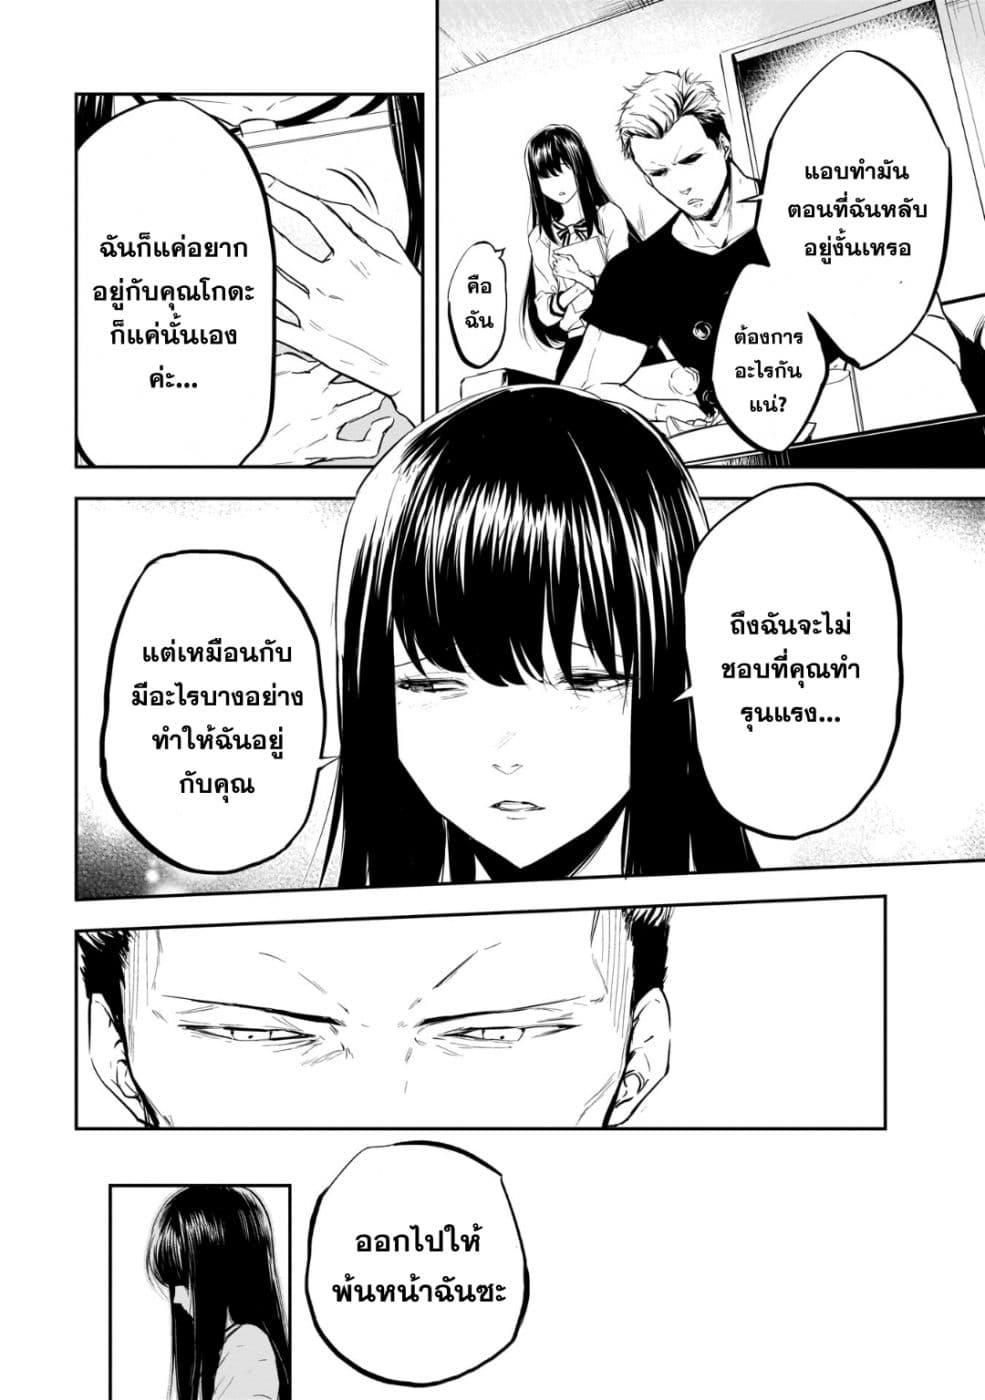 อ่านการ์ตูน Kanojo Gacha ตอนที่ 11 หน้าที่ 12